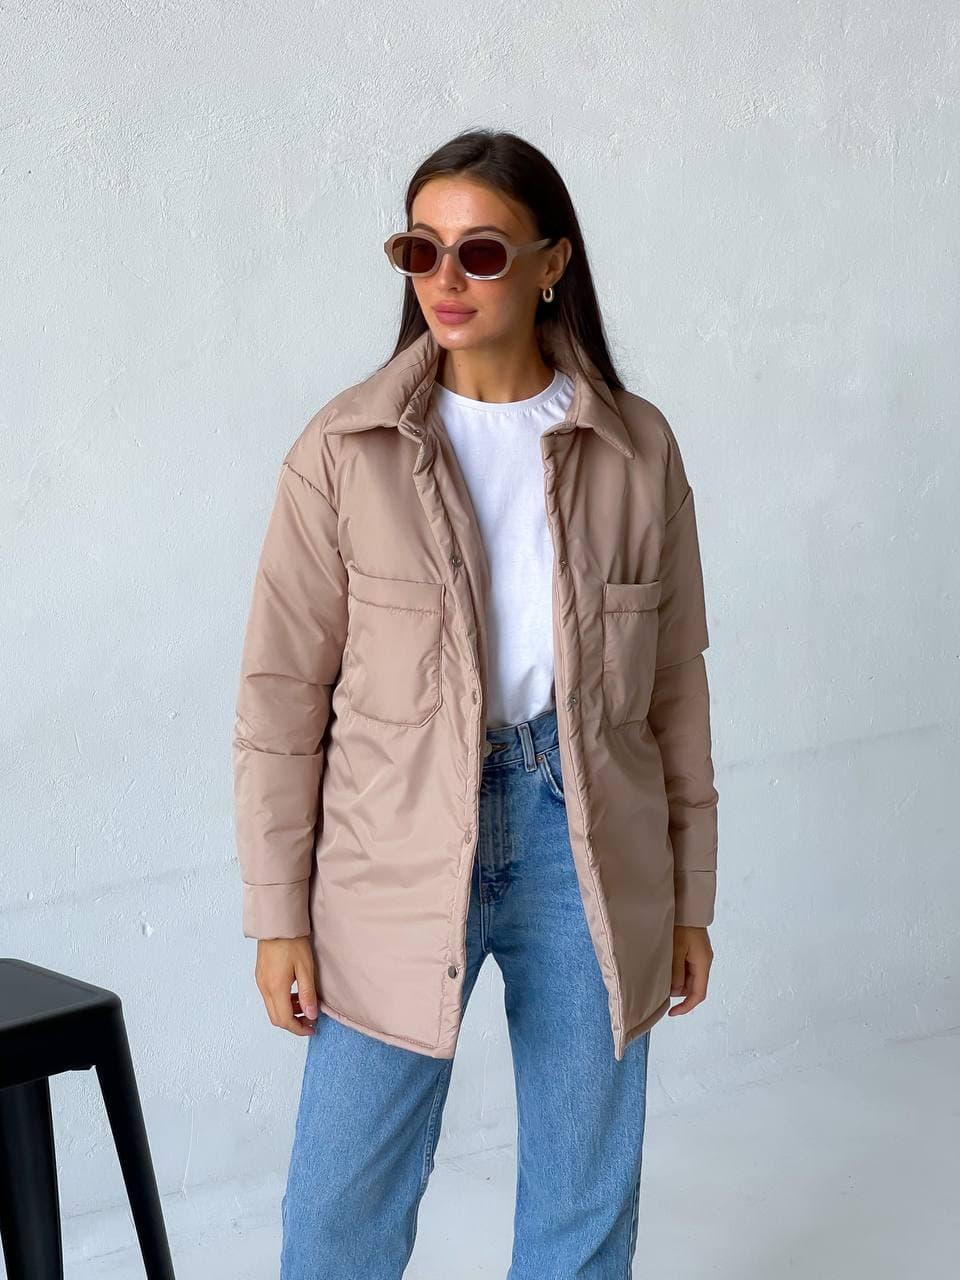 Женская демисезонная бежевая куртка-рубашка оверсайз